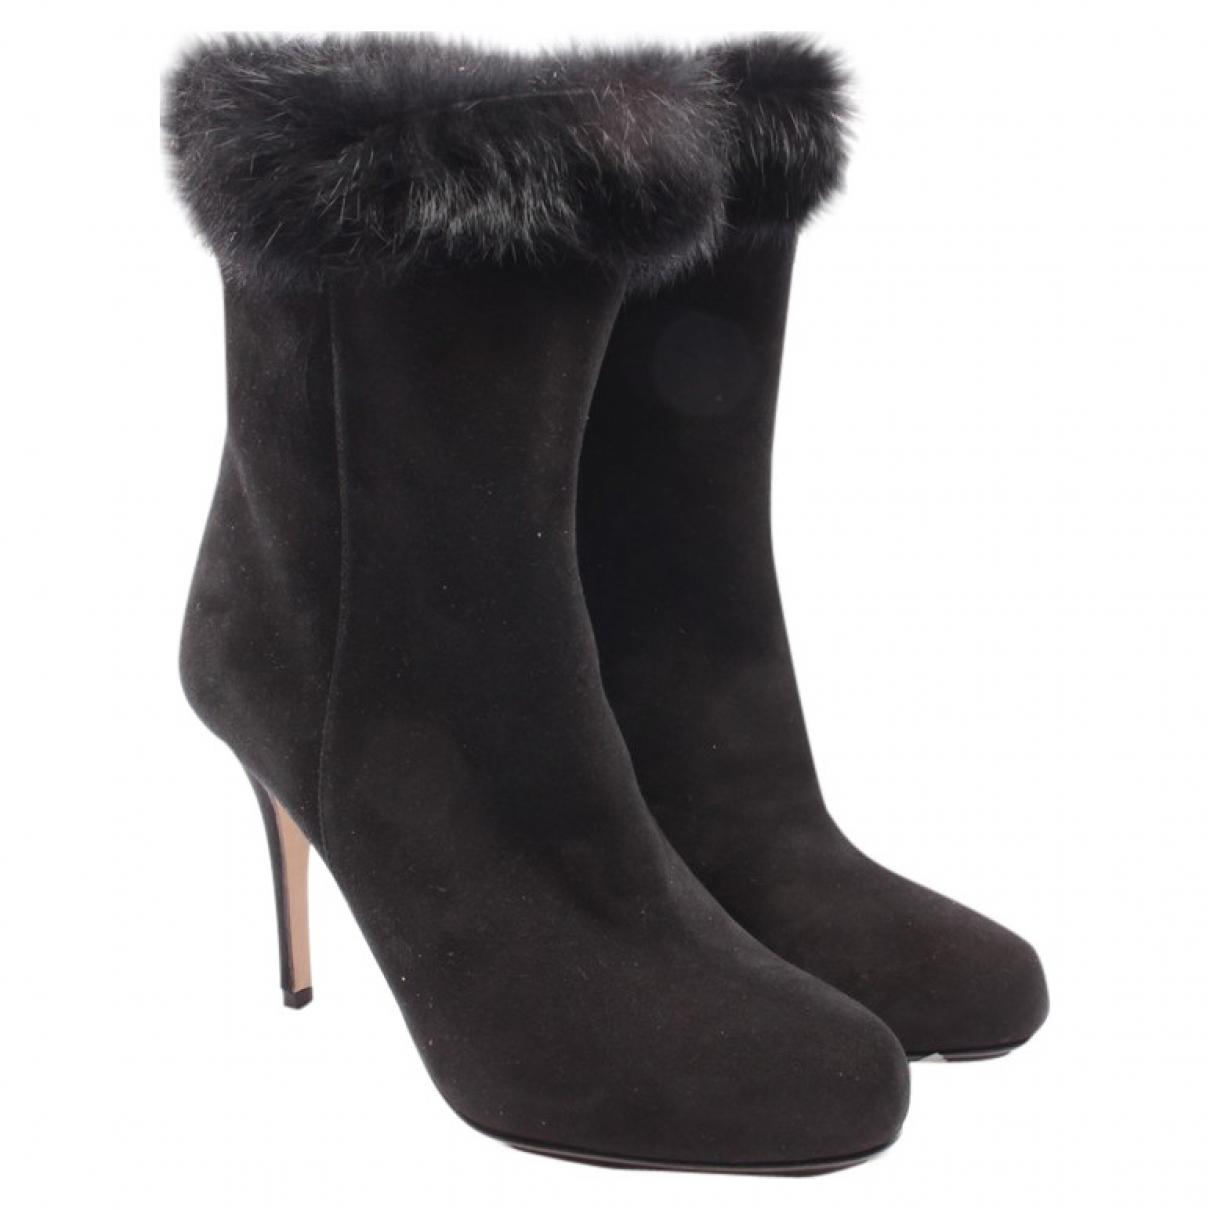 Hugo Boss - Boots   pour femme en cuir - noir